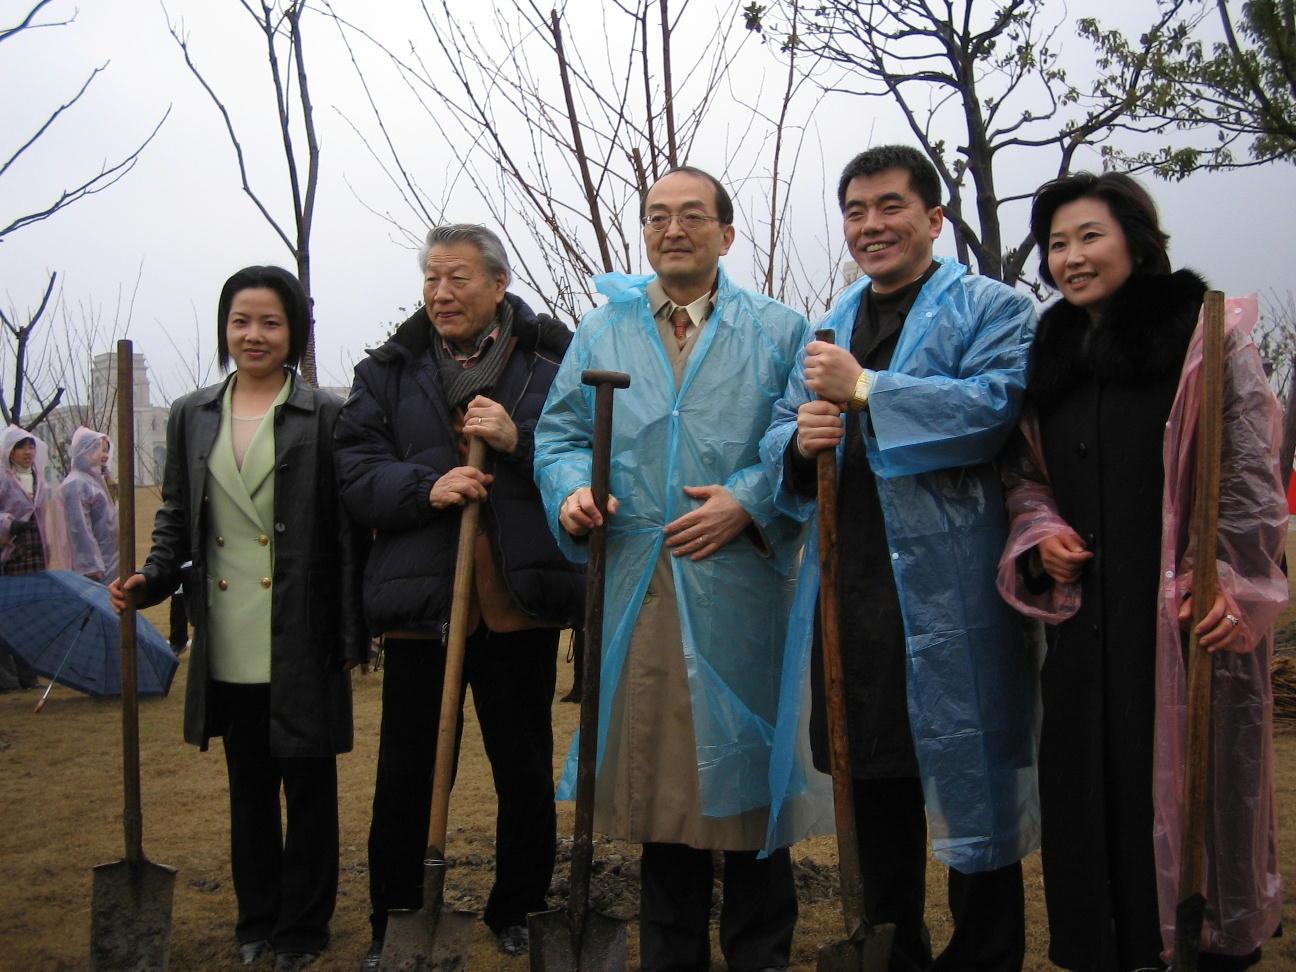 日中両国80人、上海で桜を植樹祭 福岡上海ヤングネットワーク・縁縁会の主宰_d0027795_22504083.jpg